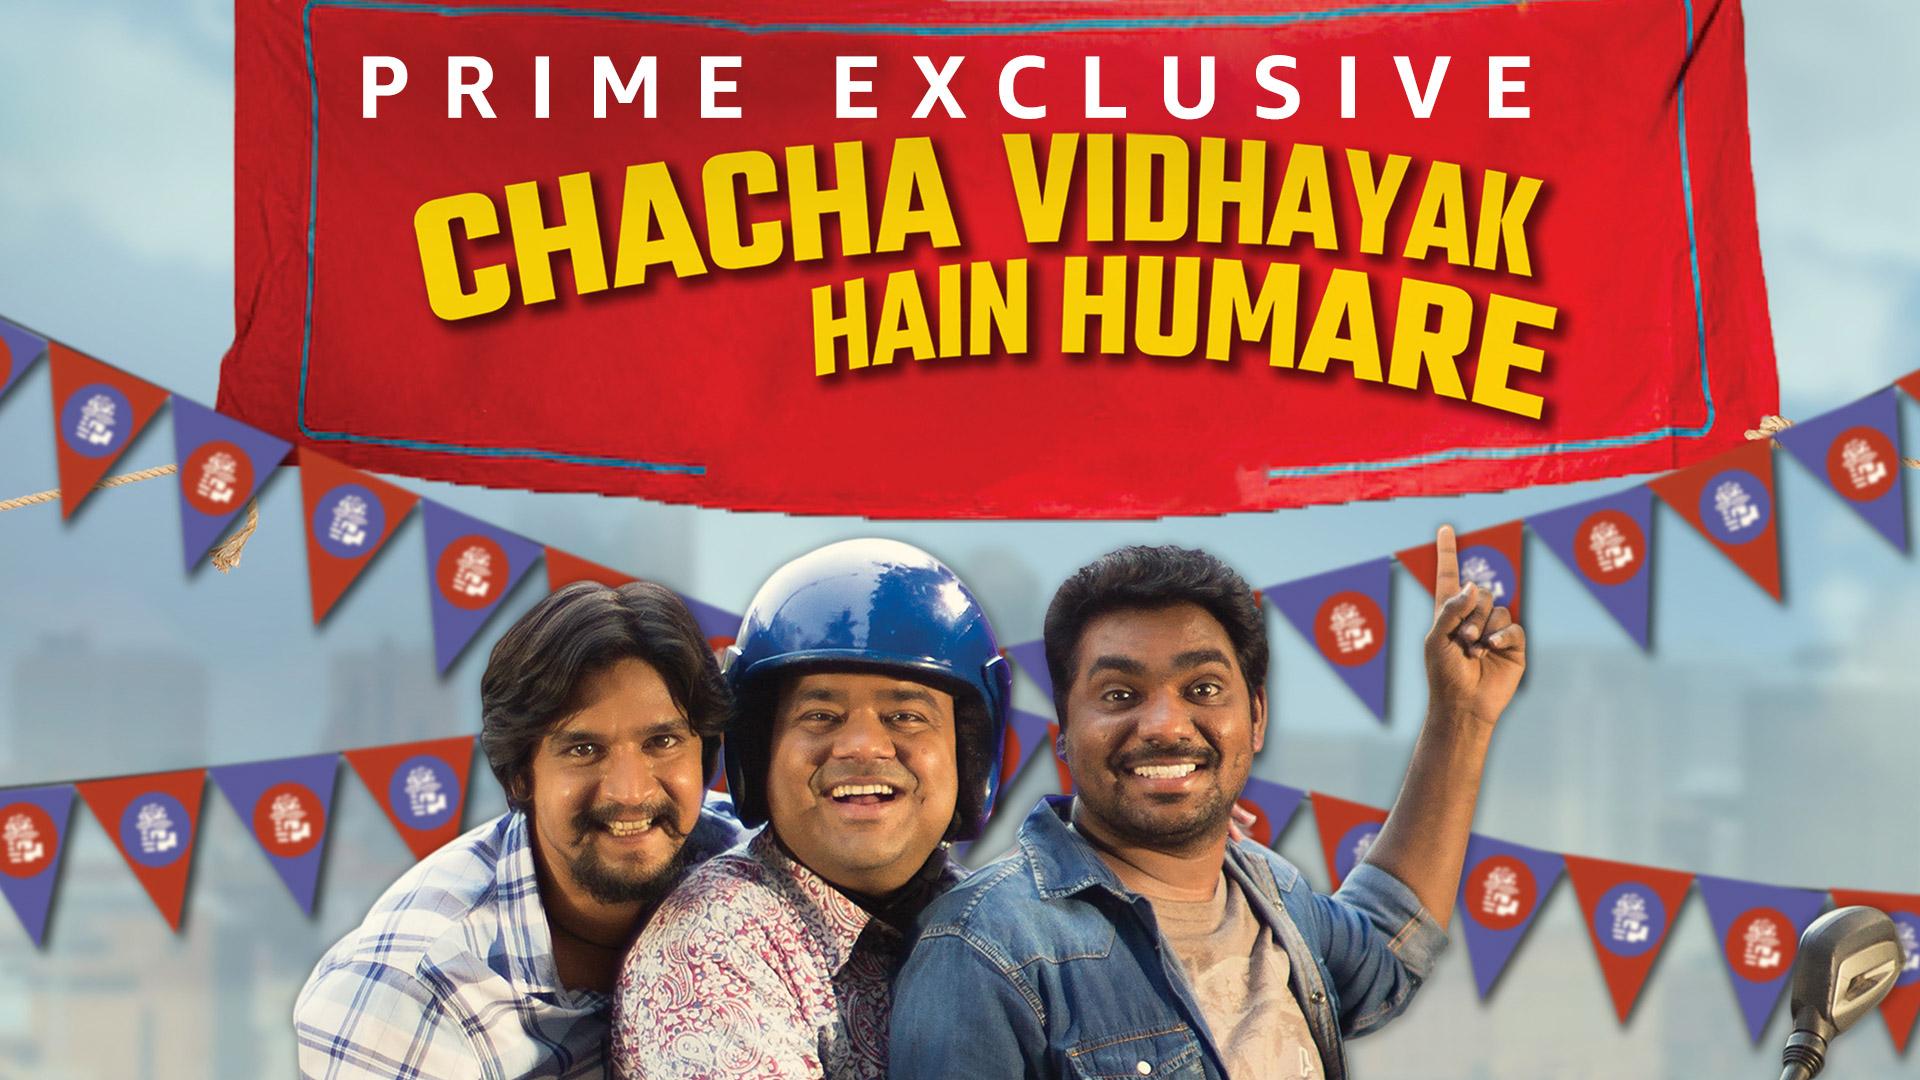 Chacha Vidhayak Hain Humare